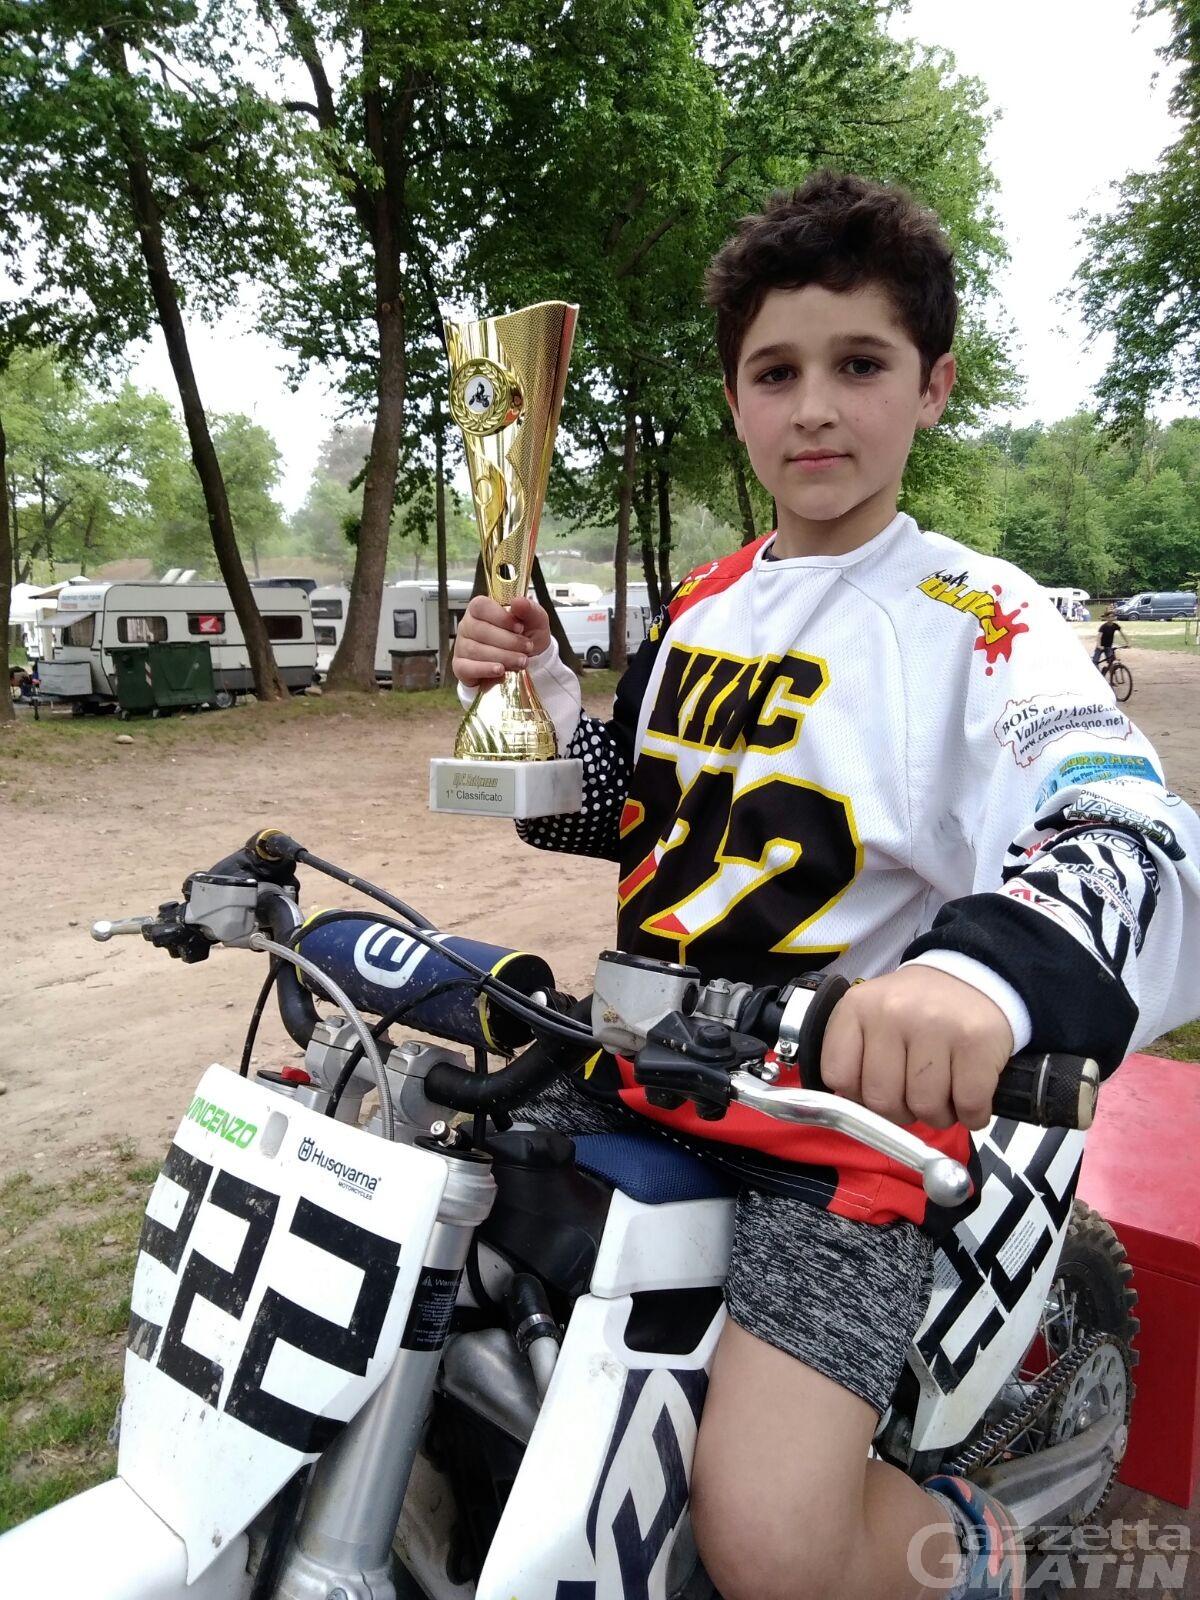 Motocross: Vincenzo Bove subito protagonista